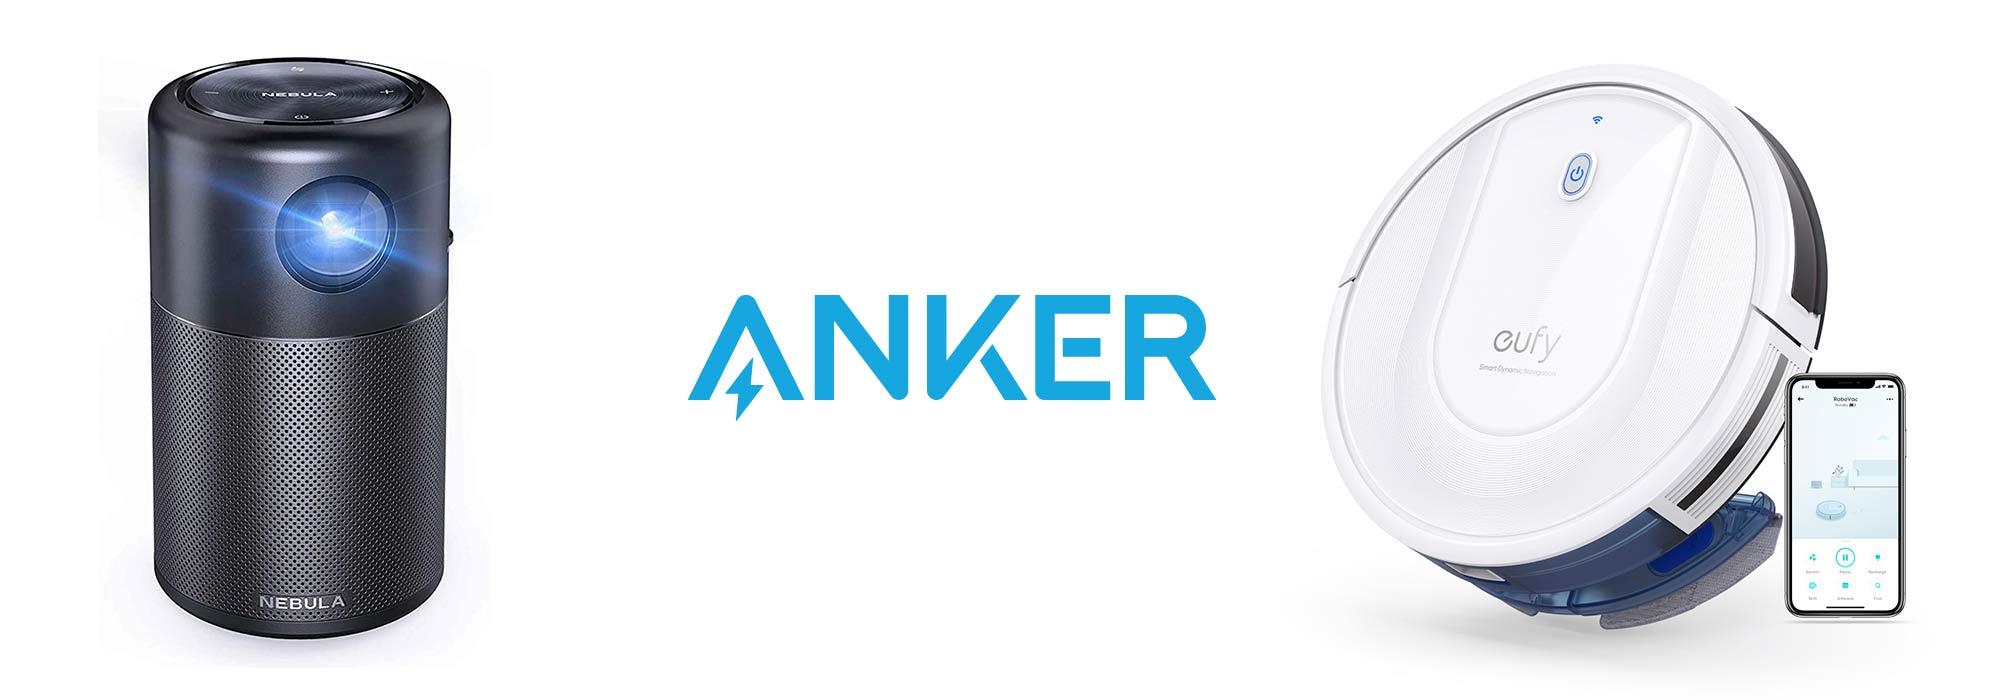 Anker bietet tolle Angebote zum Prime Day 2020